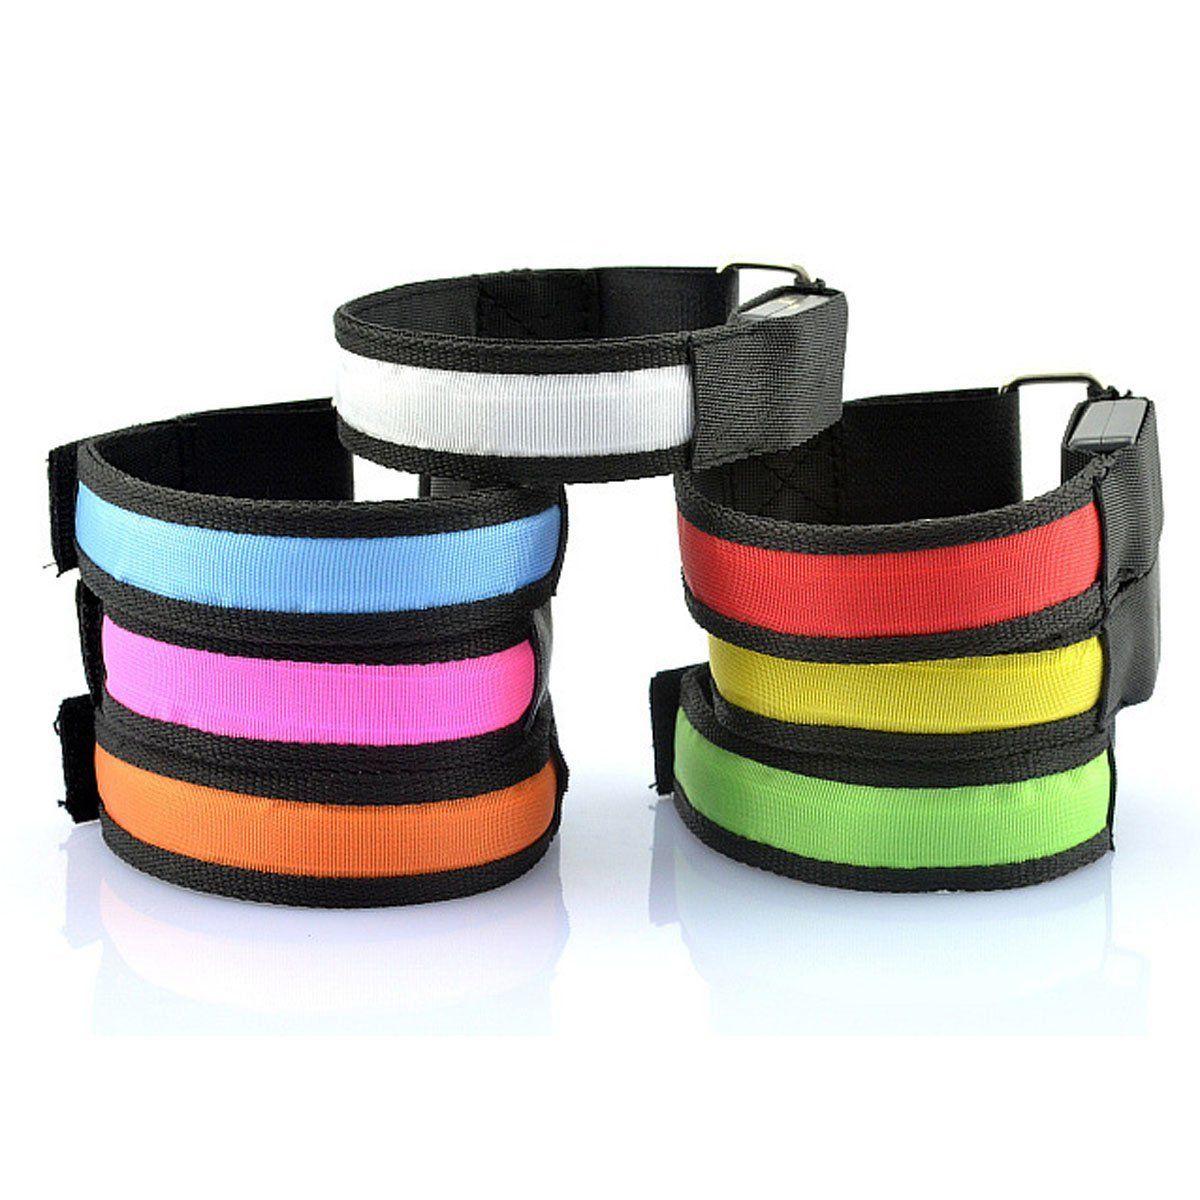 Bracelets de sport lumineux réglables à LED, 1 pièce, lumière de course, pour coureurs, joggeurs, cyclistes, vélo de sécurité